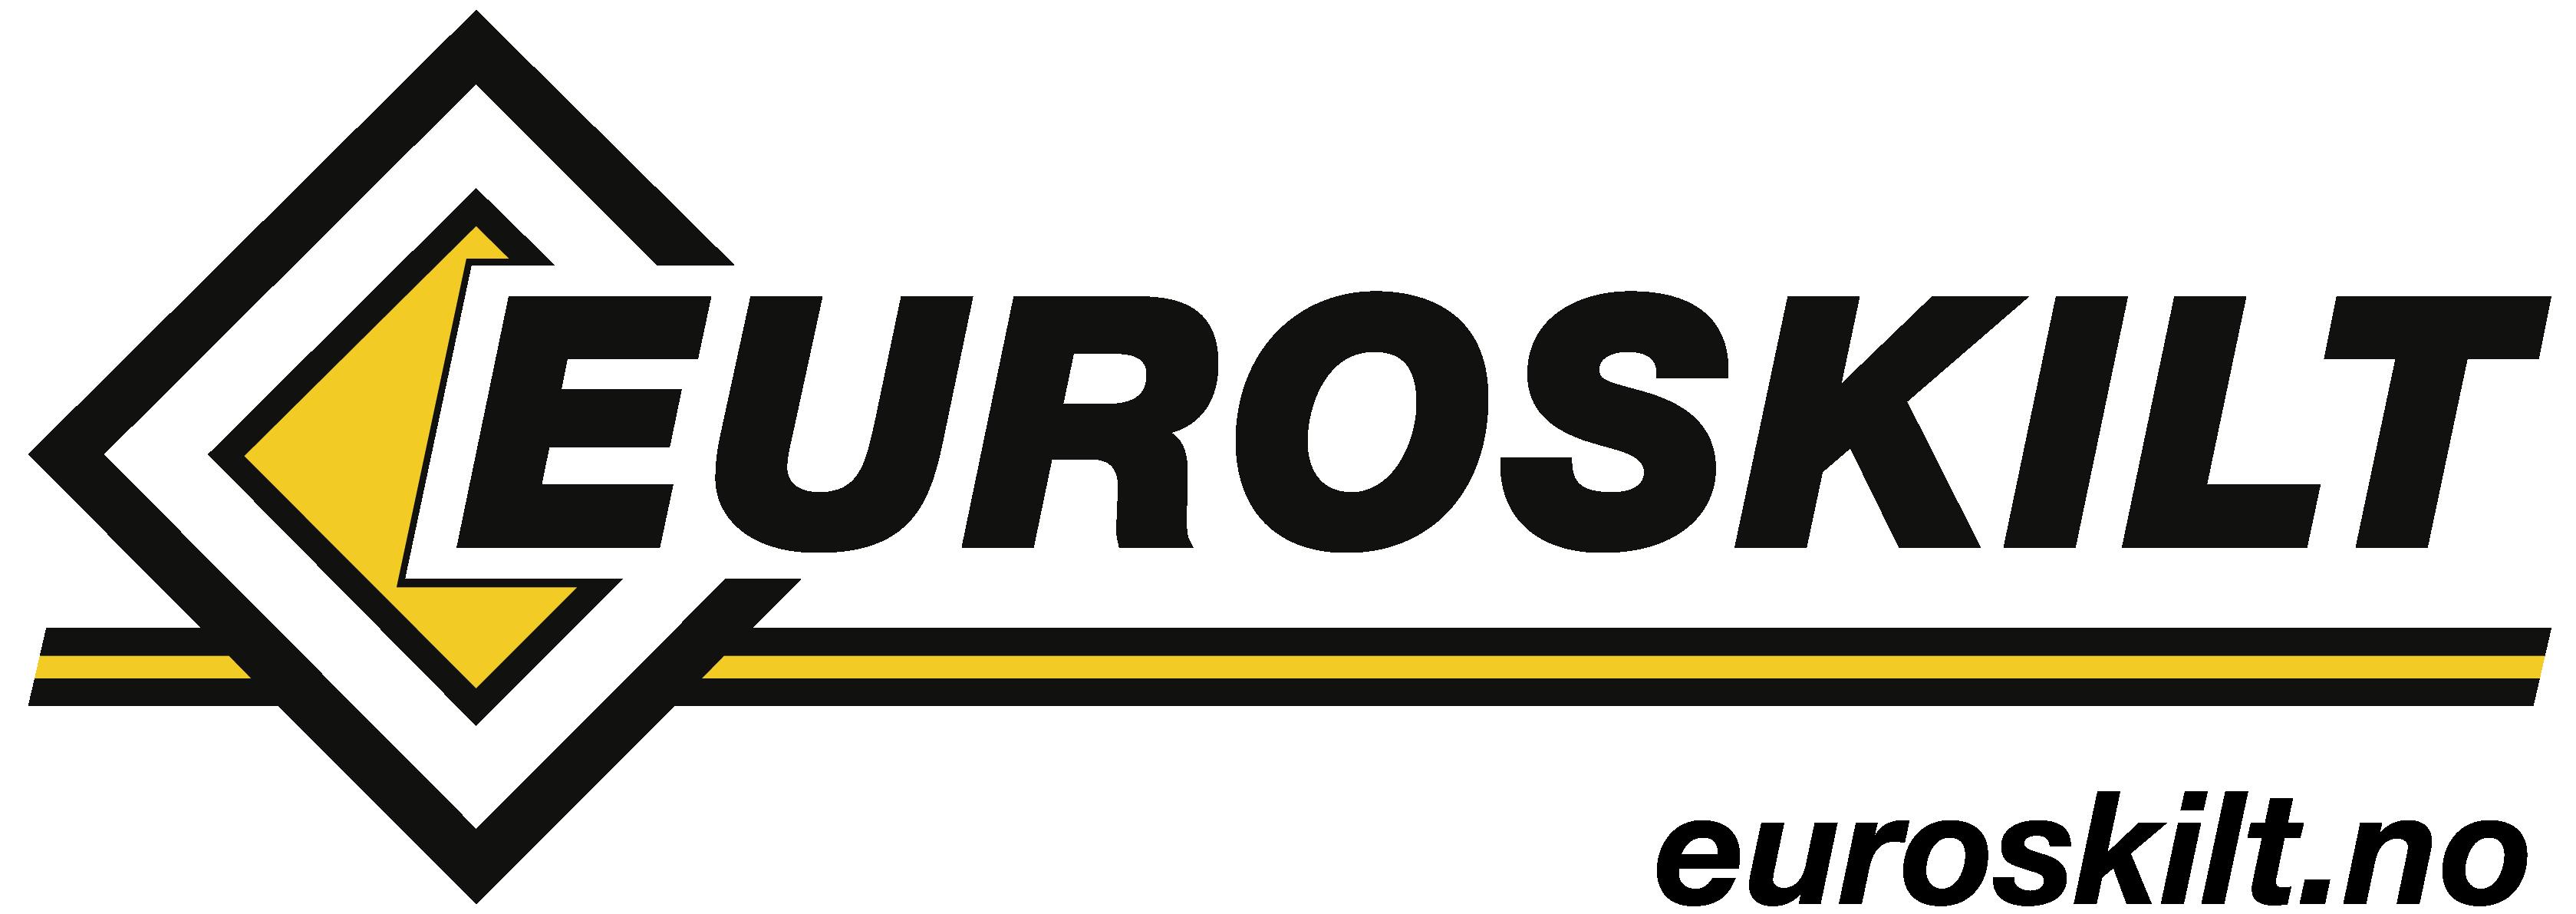 Euroskilt AS